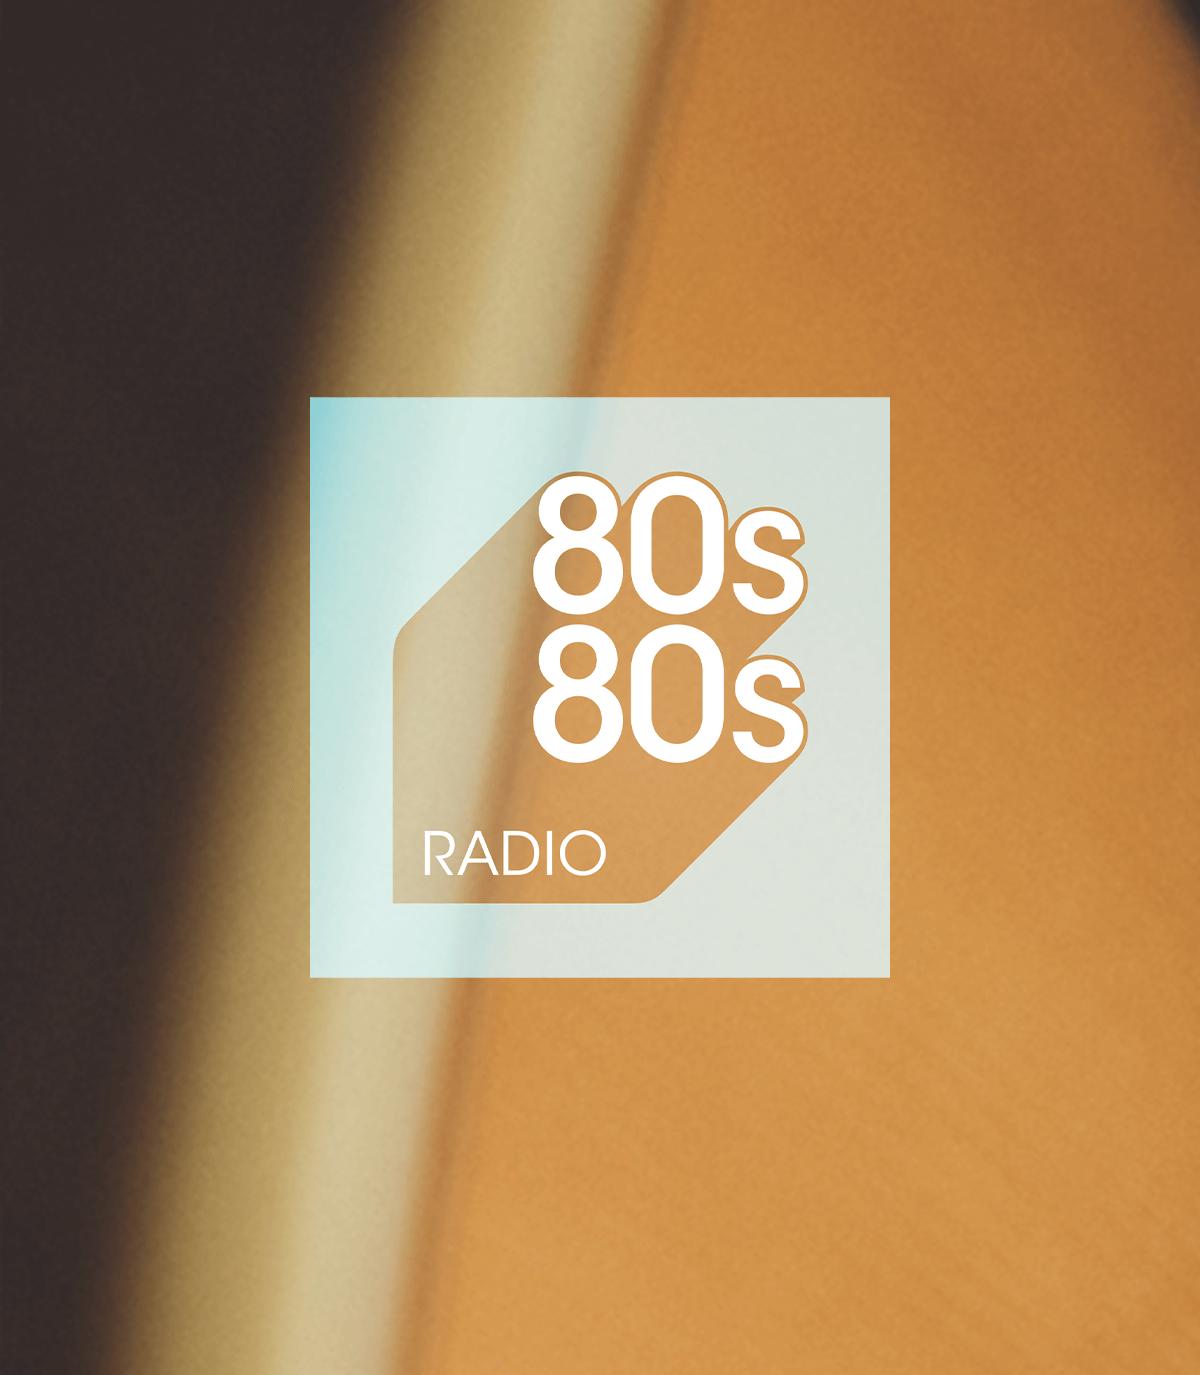 80s80s Logo auf unscharfem Hintergrund